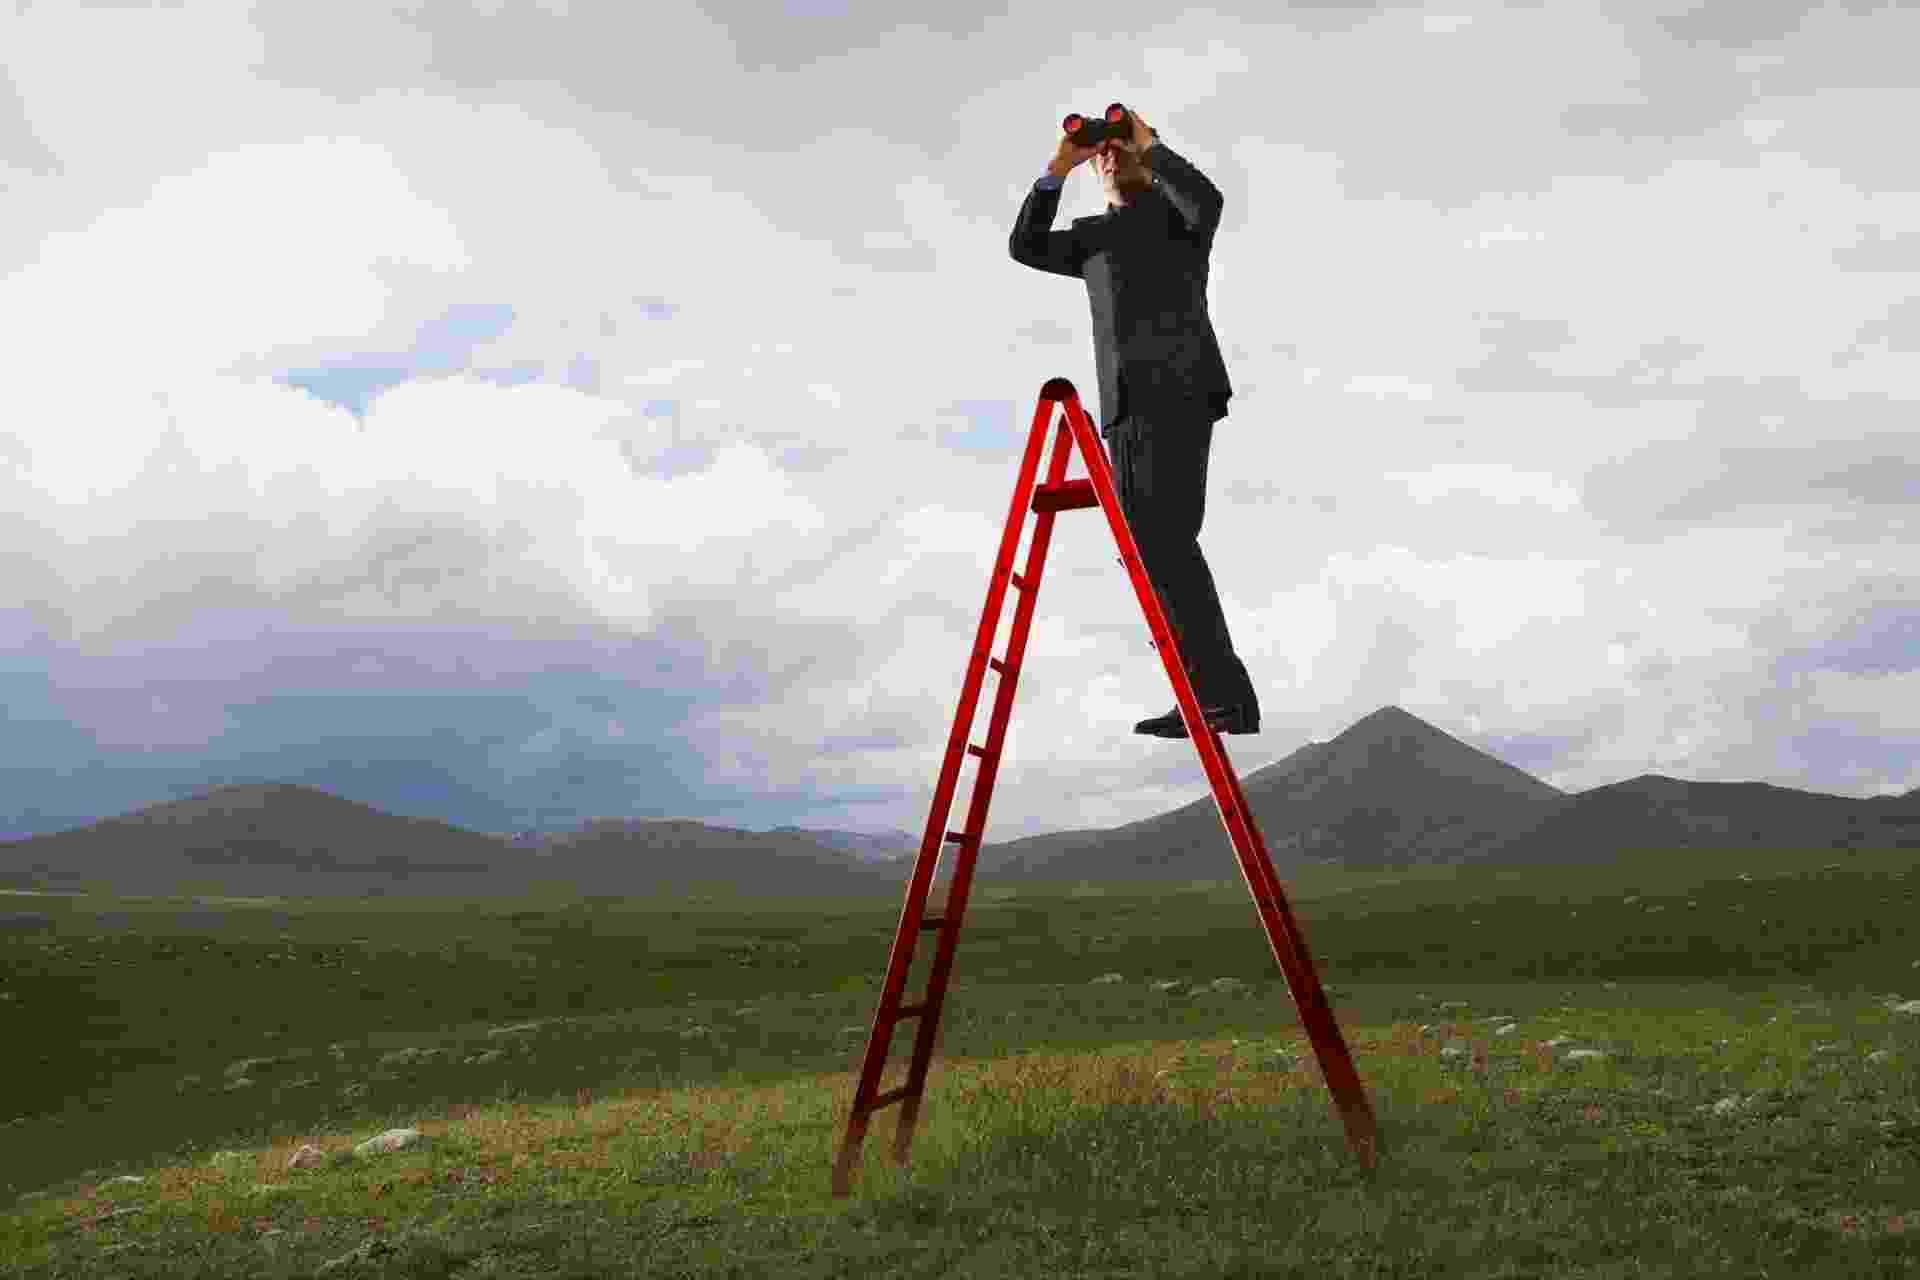 Inspiração, trabalho, executivo, profissional - Getty Images